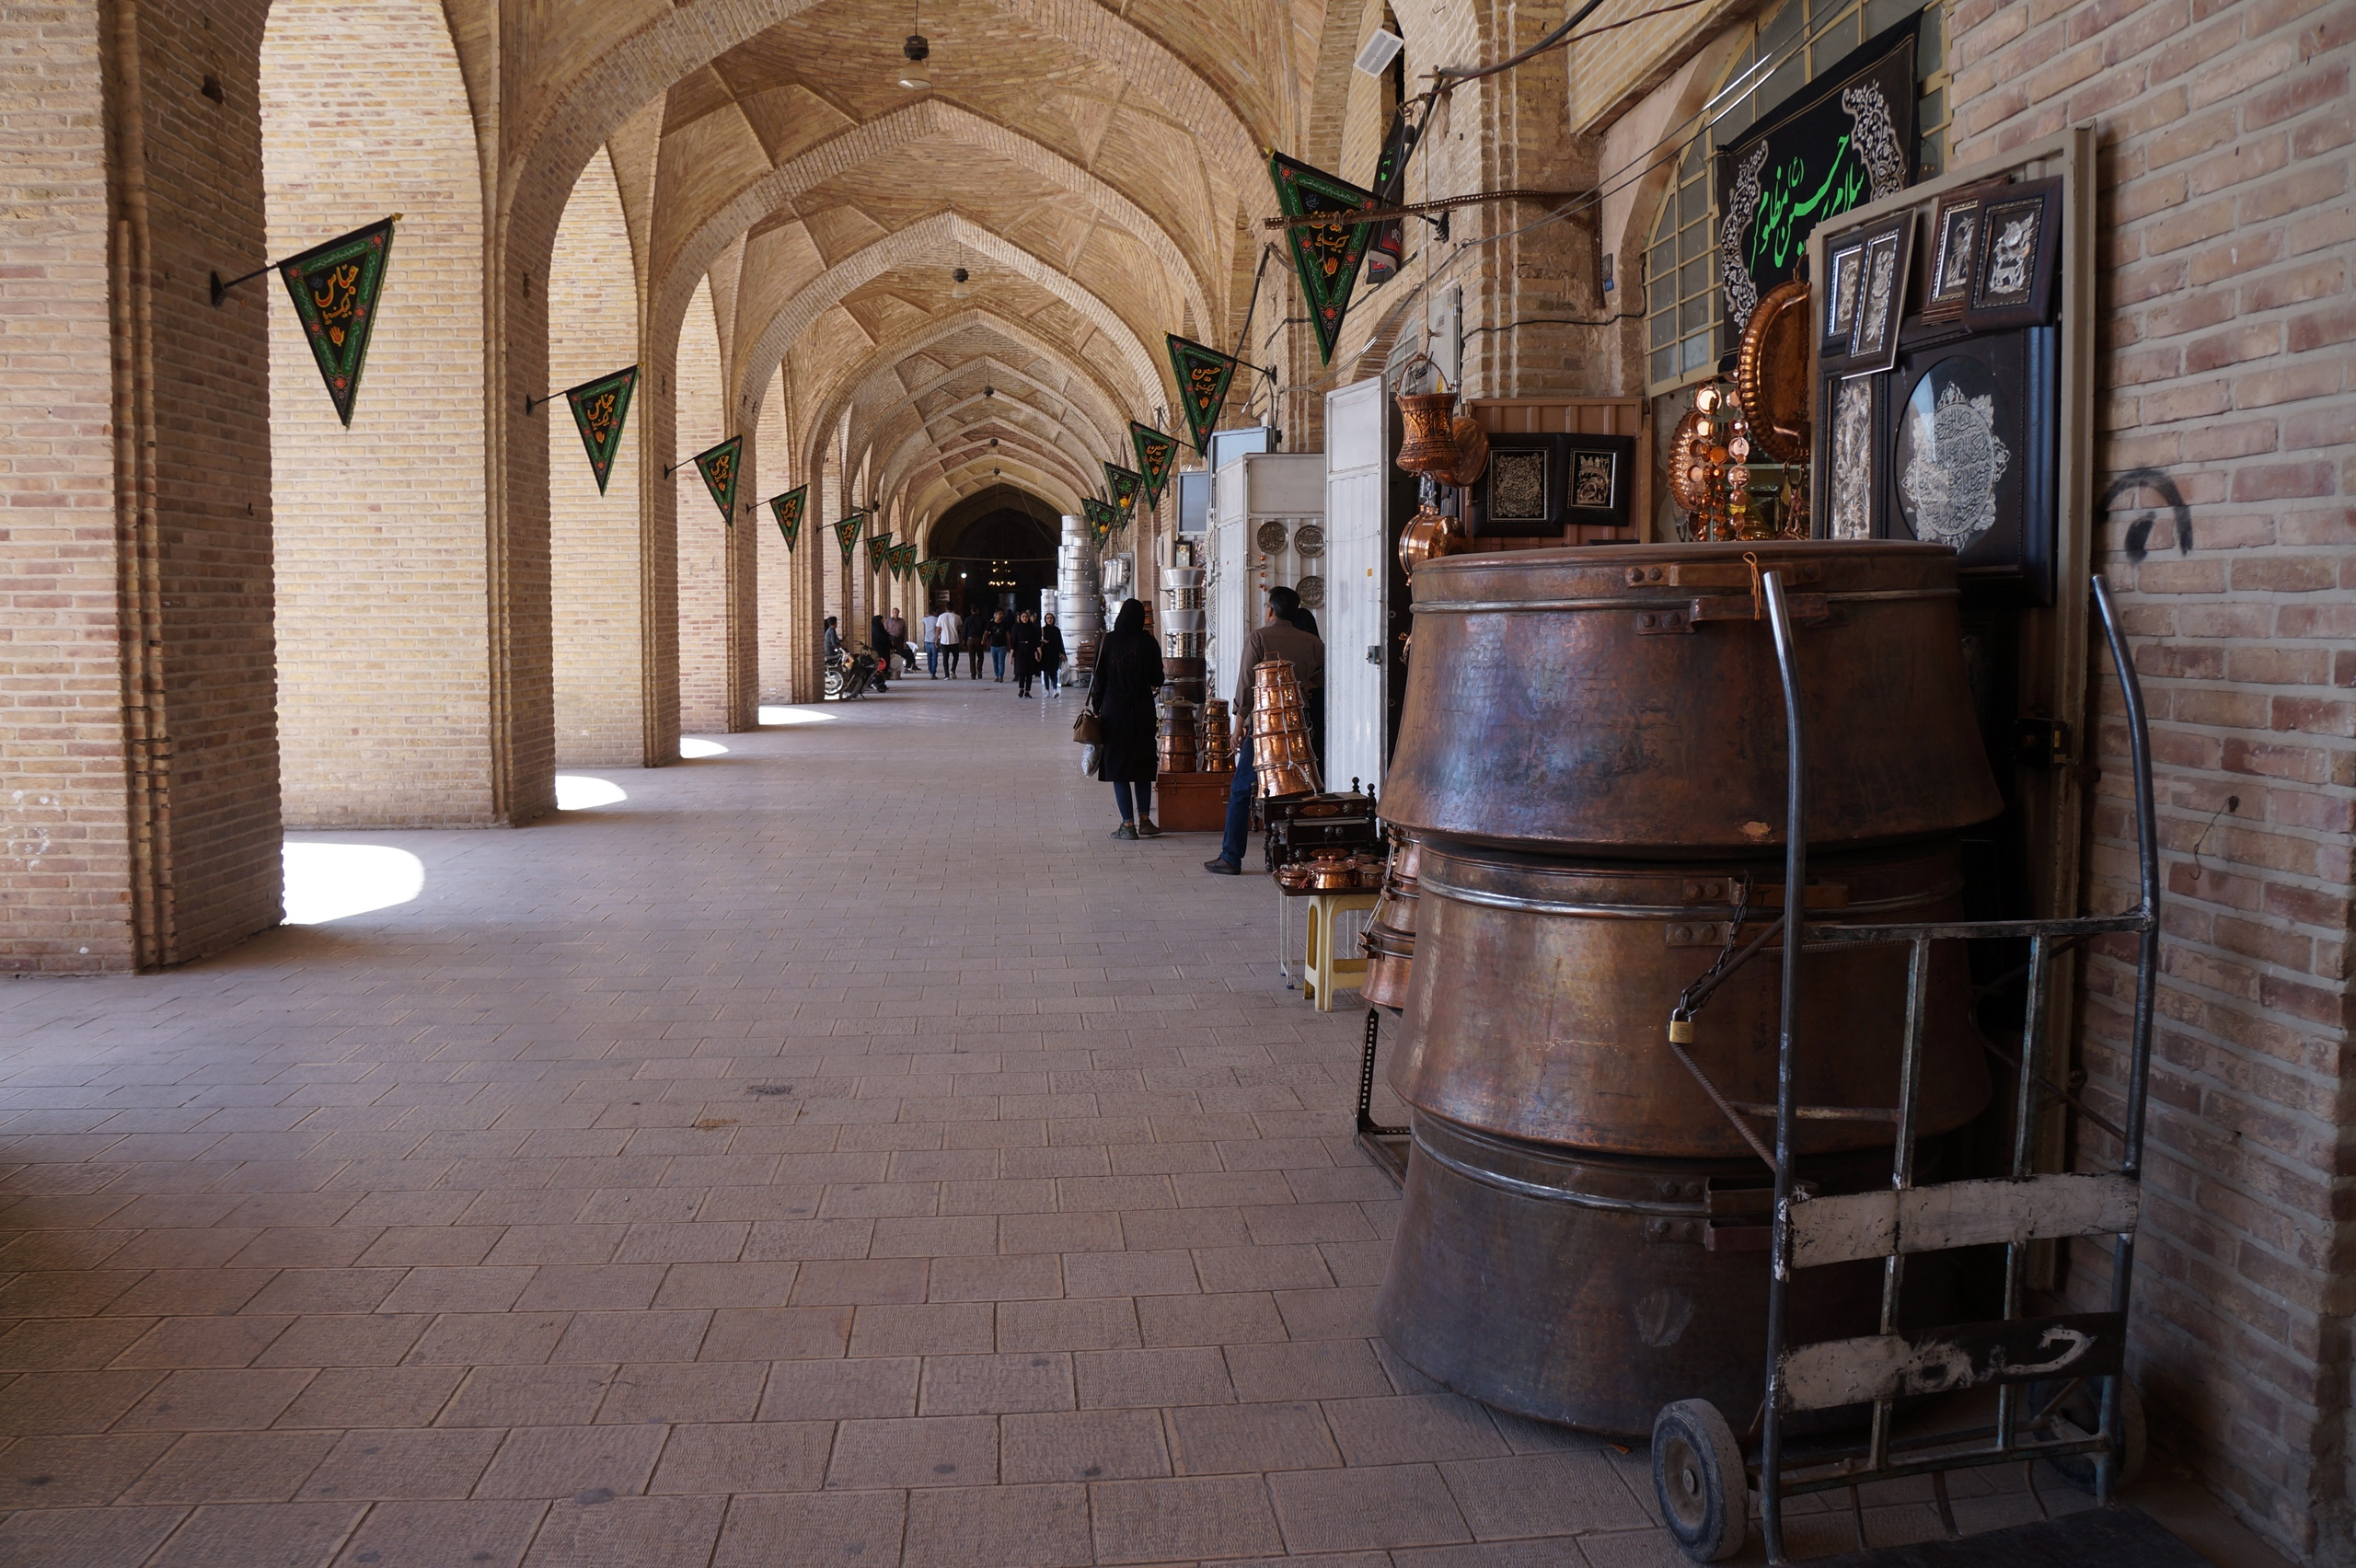 The biggest bazaar in the Middle East Bazaar, Kerman, bazaar, Bazaar, market, trade, case, Rate, Pay, meet, attention, ancient, Rastabazar, attractions